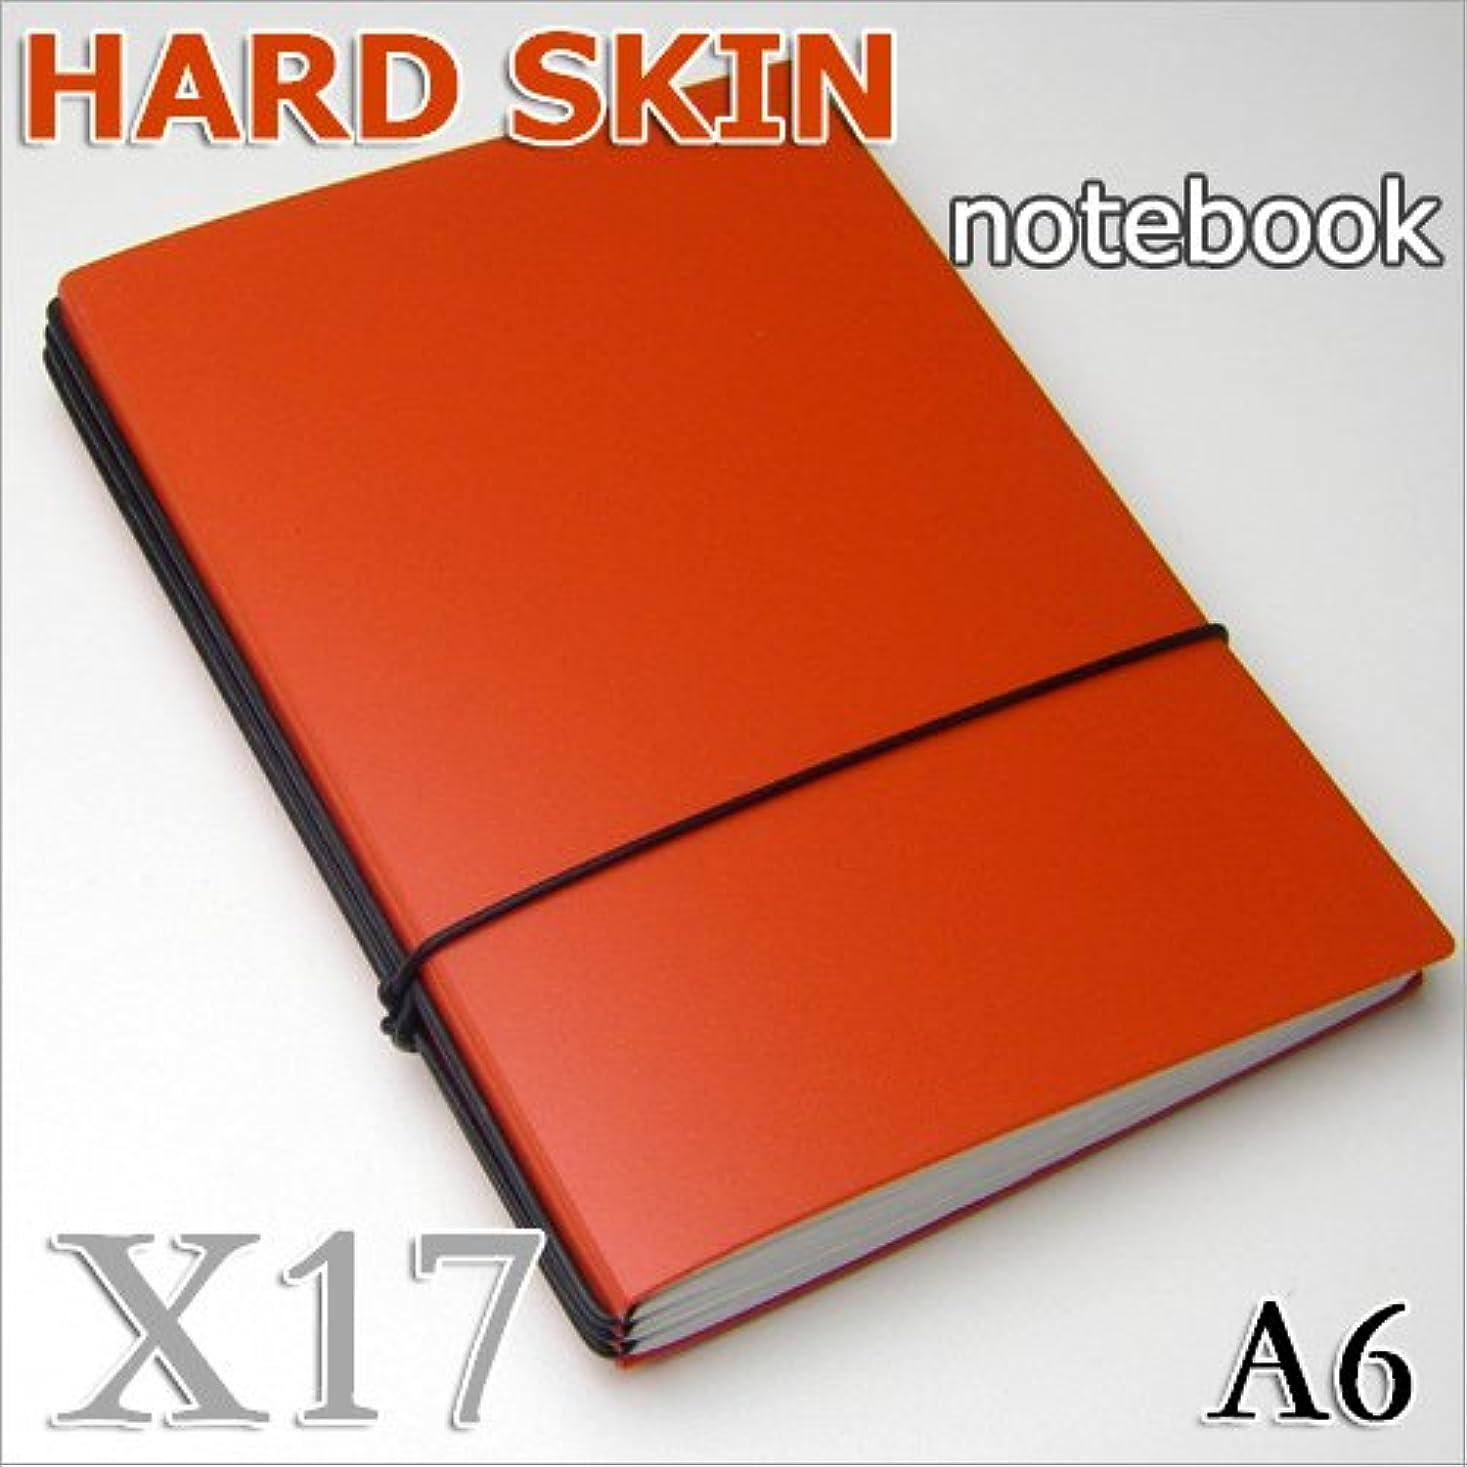 物語氏ゴシップX17 ハードスキン A6 ファイヤーレッド ドイツ製 ノートブック 横罫?無地?方眼 ノートセット